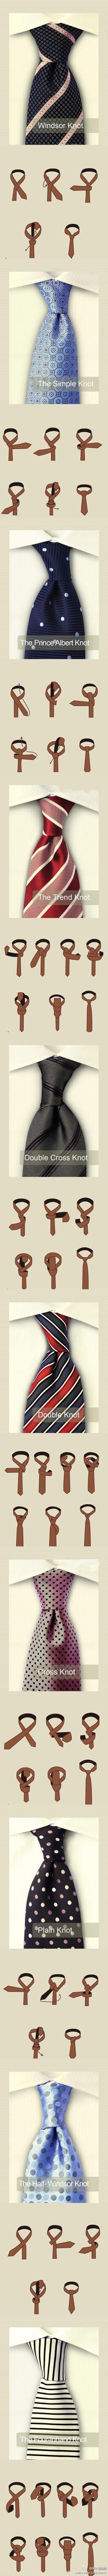 How to tie a tie! @Karen Waters